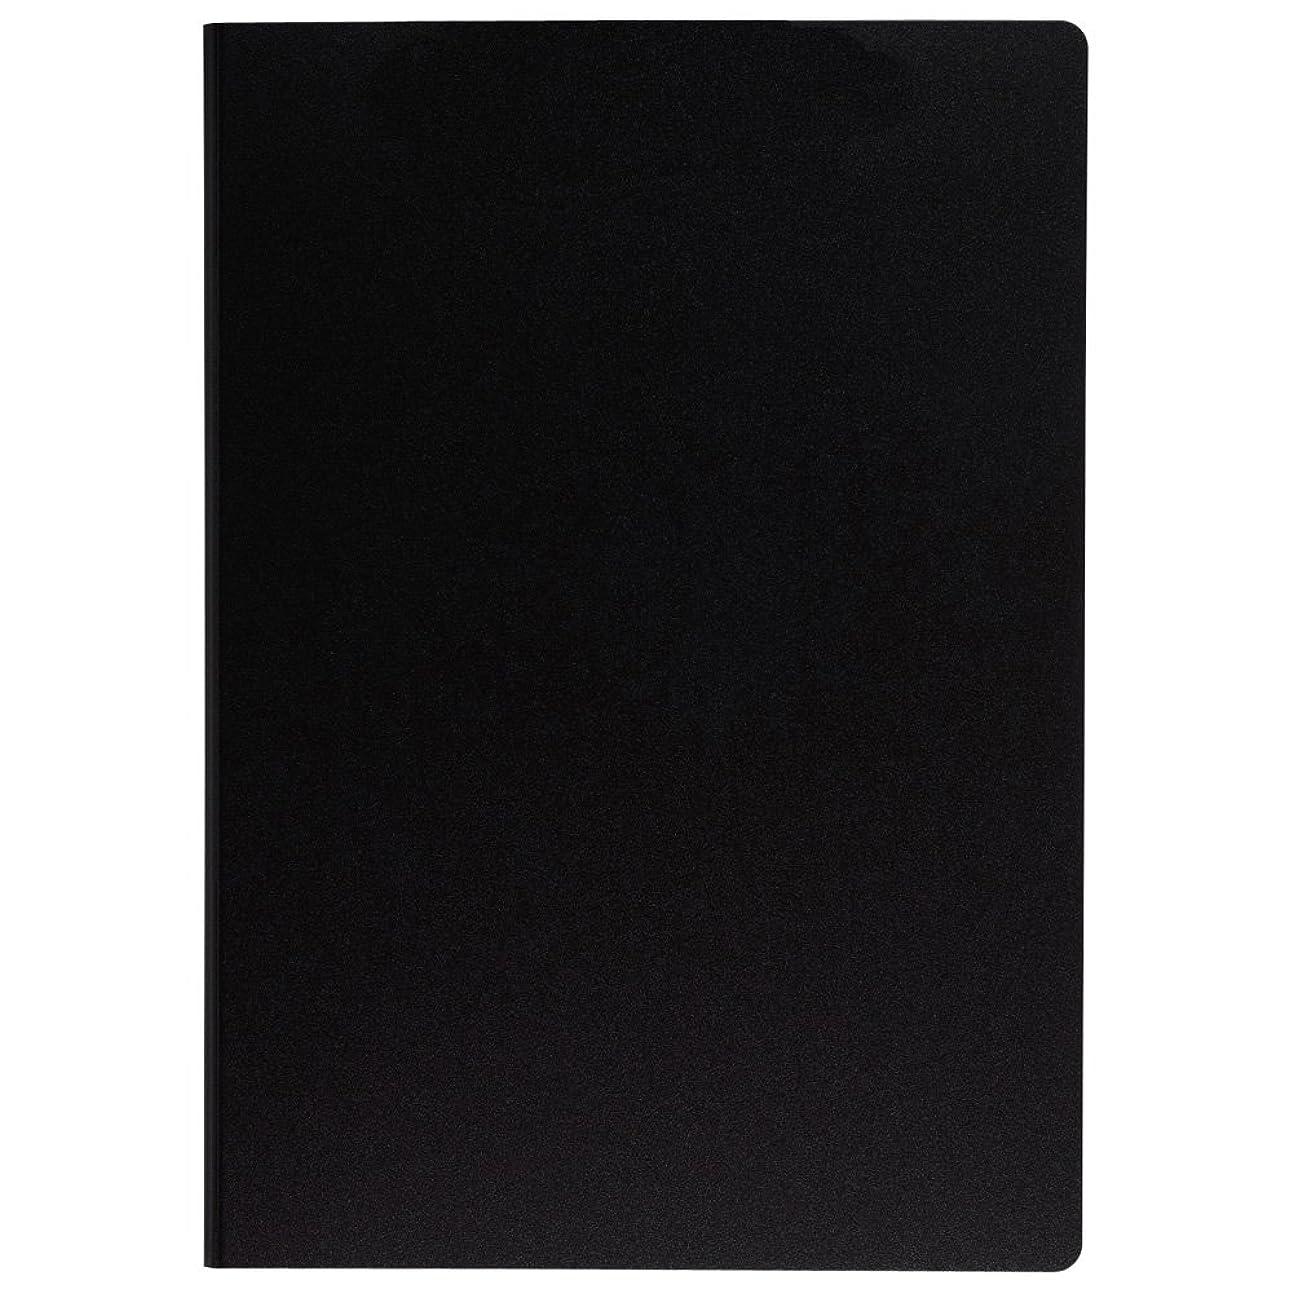 時間エキス急いでPanavage クリップボードフォルダ a4 ファイルボード バインダー 会議用パッド 黒